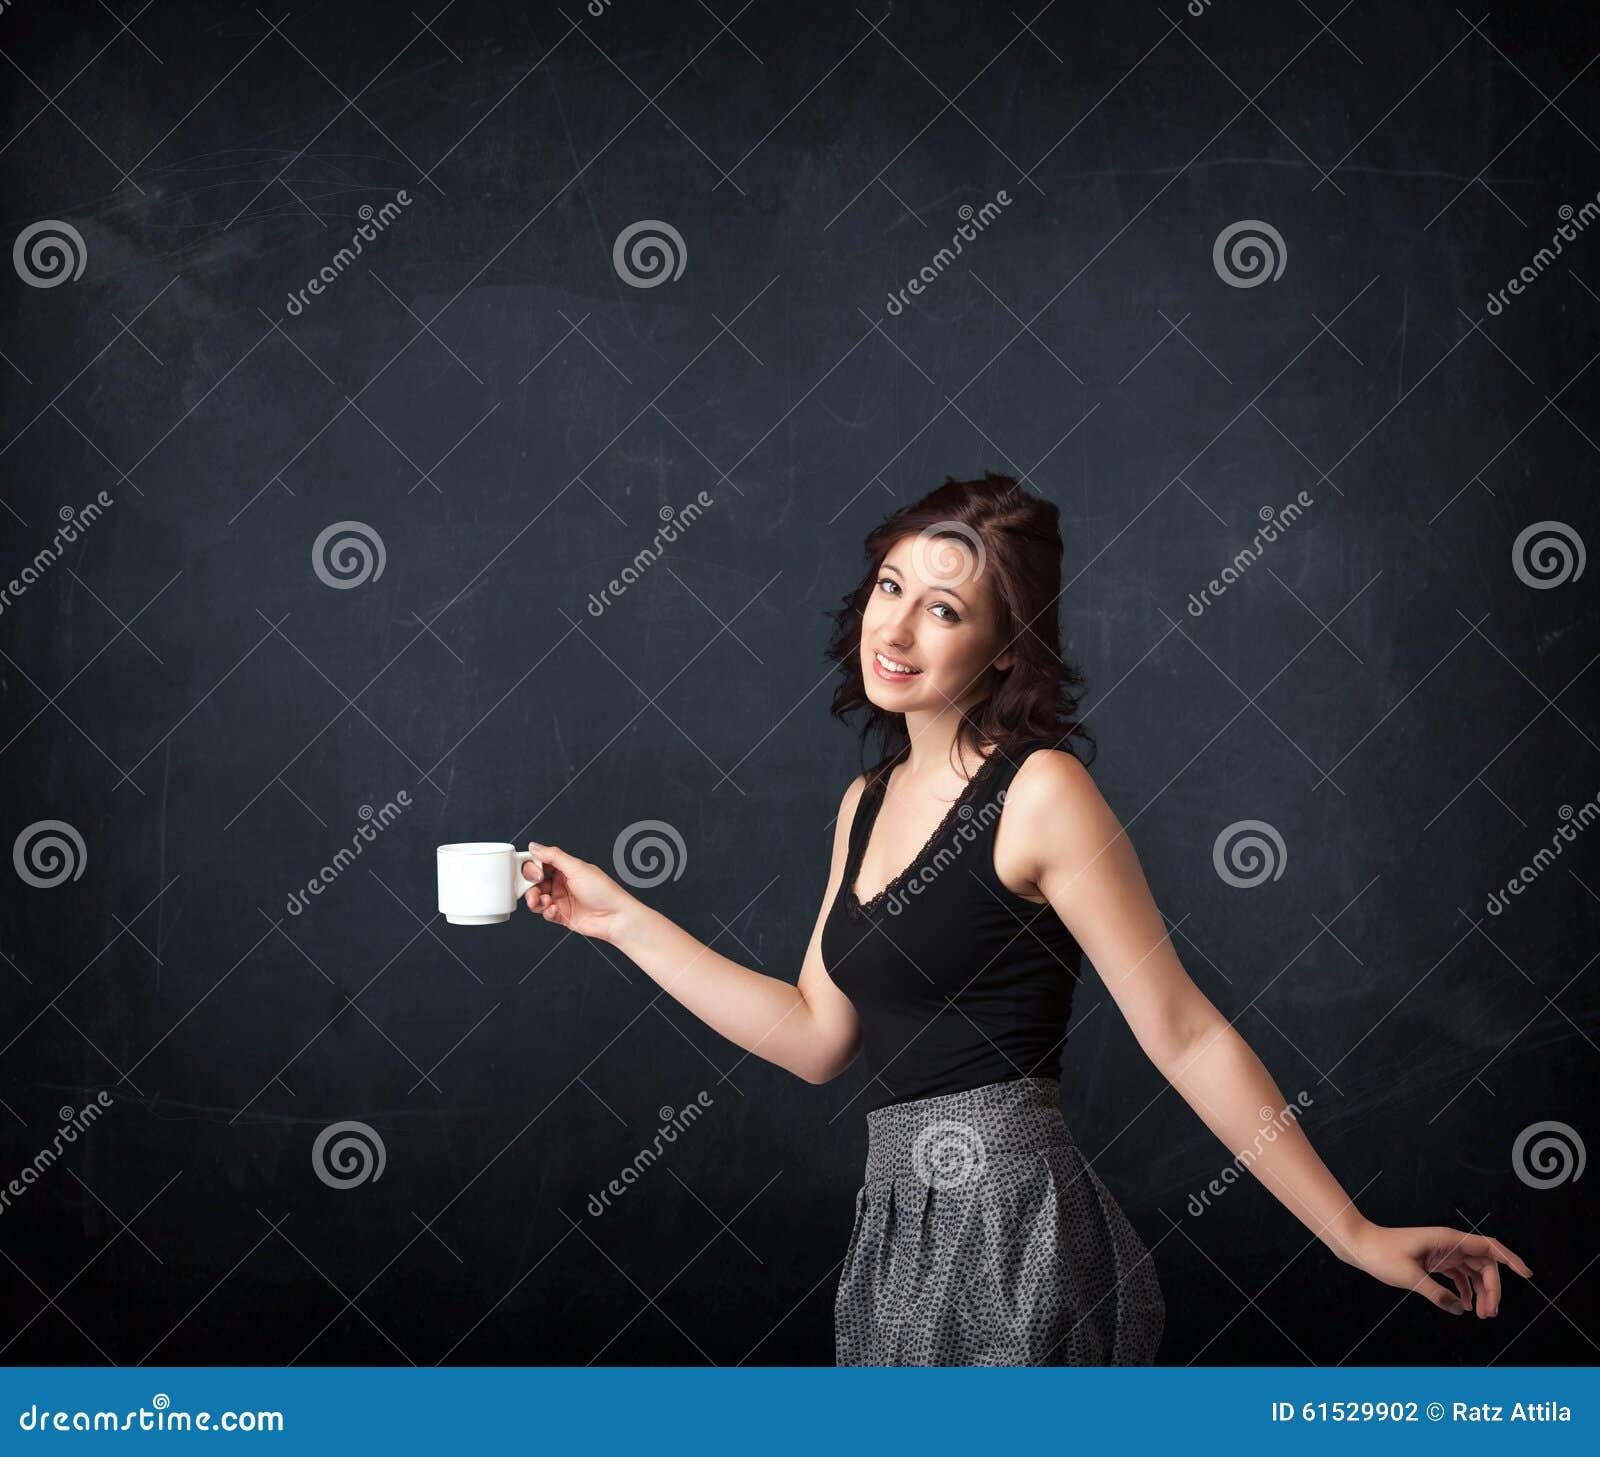 Recherche d'une femme blanche